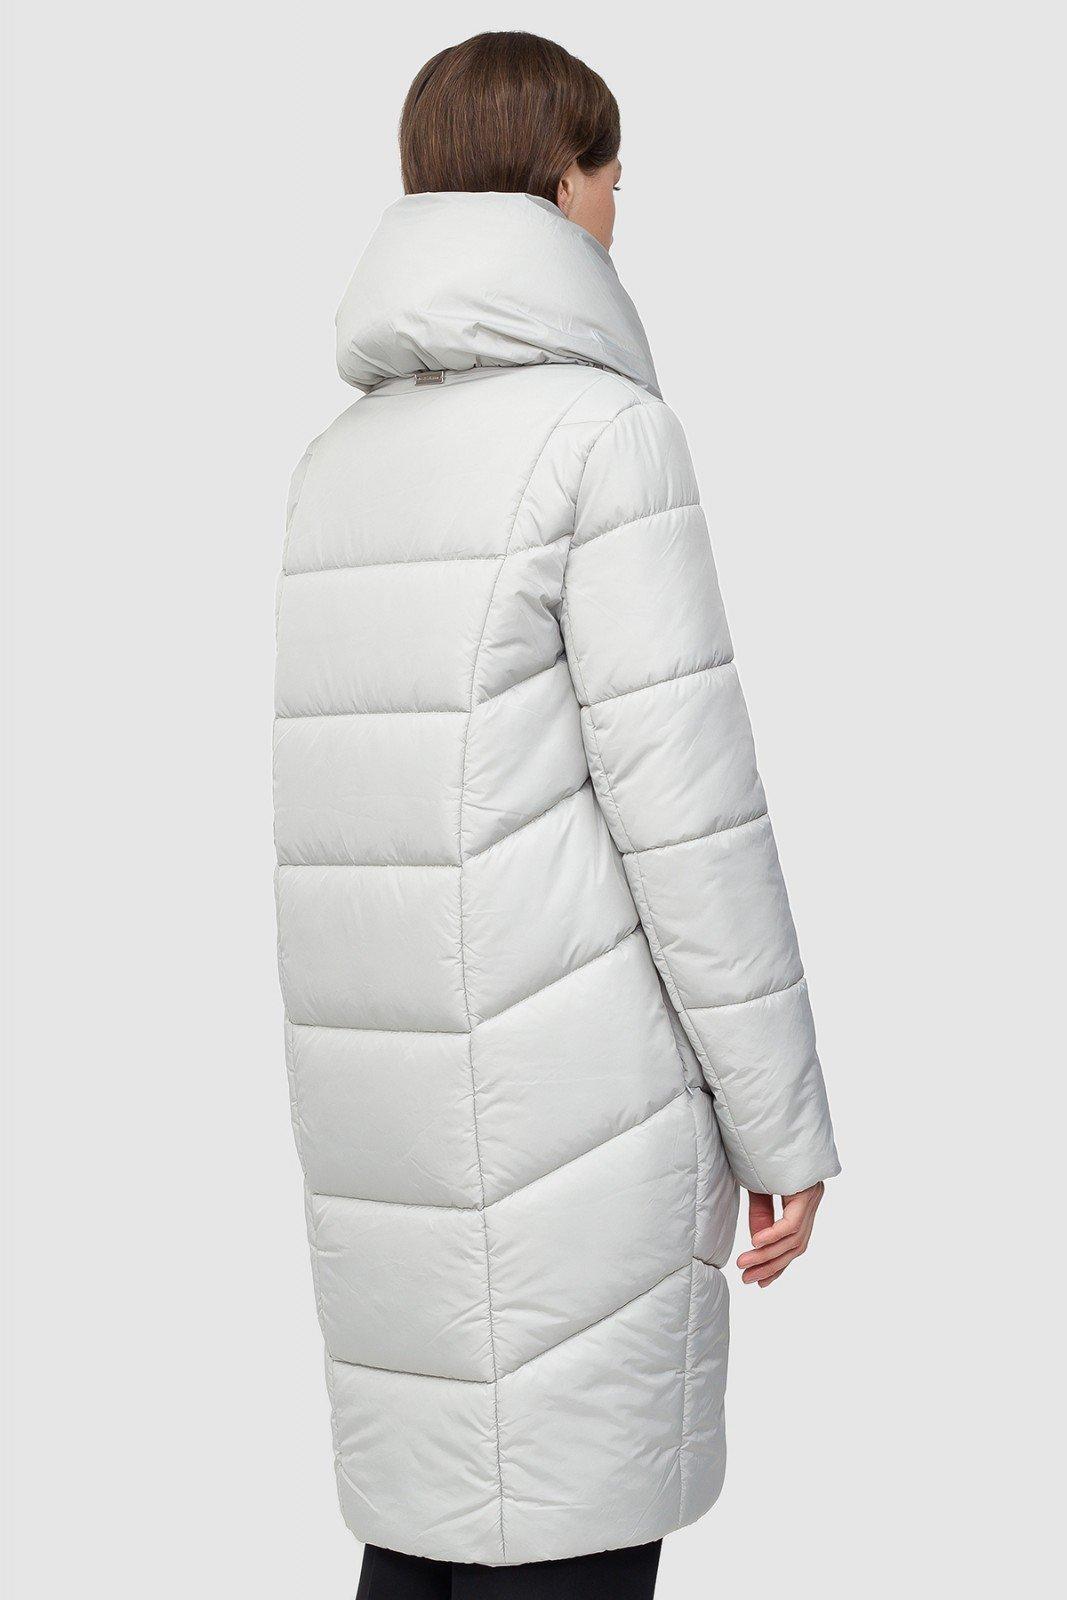 Куртка Стэнли